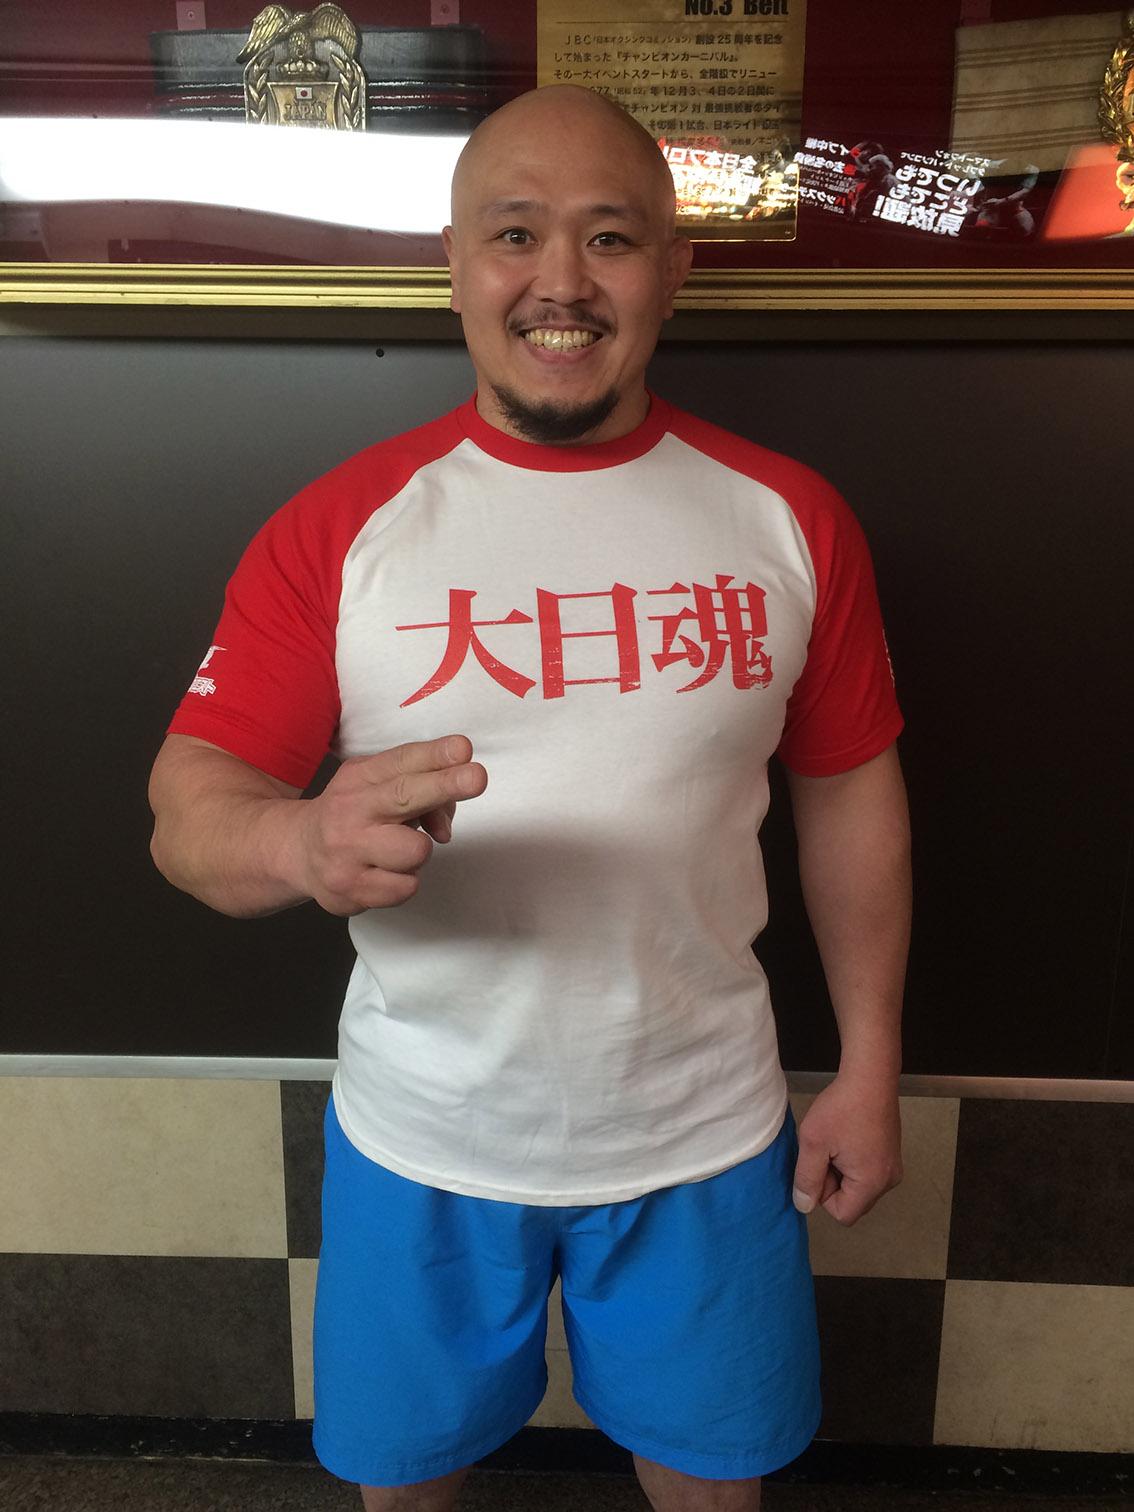 スポンサー名入りTシャツ、好評発売中!大日魂(赤)燃やしま専科verTシャツ